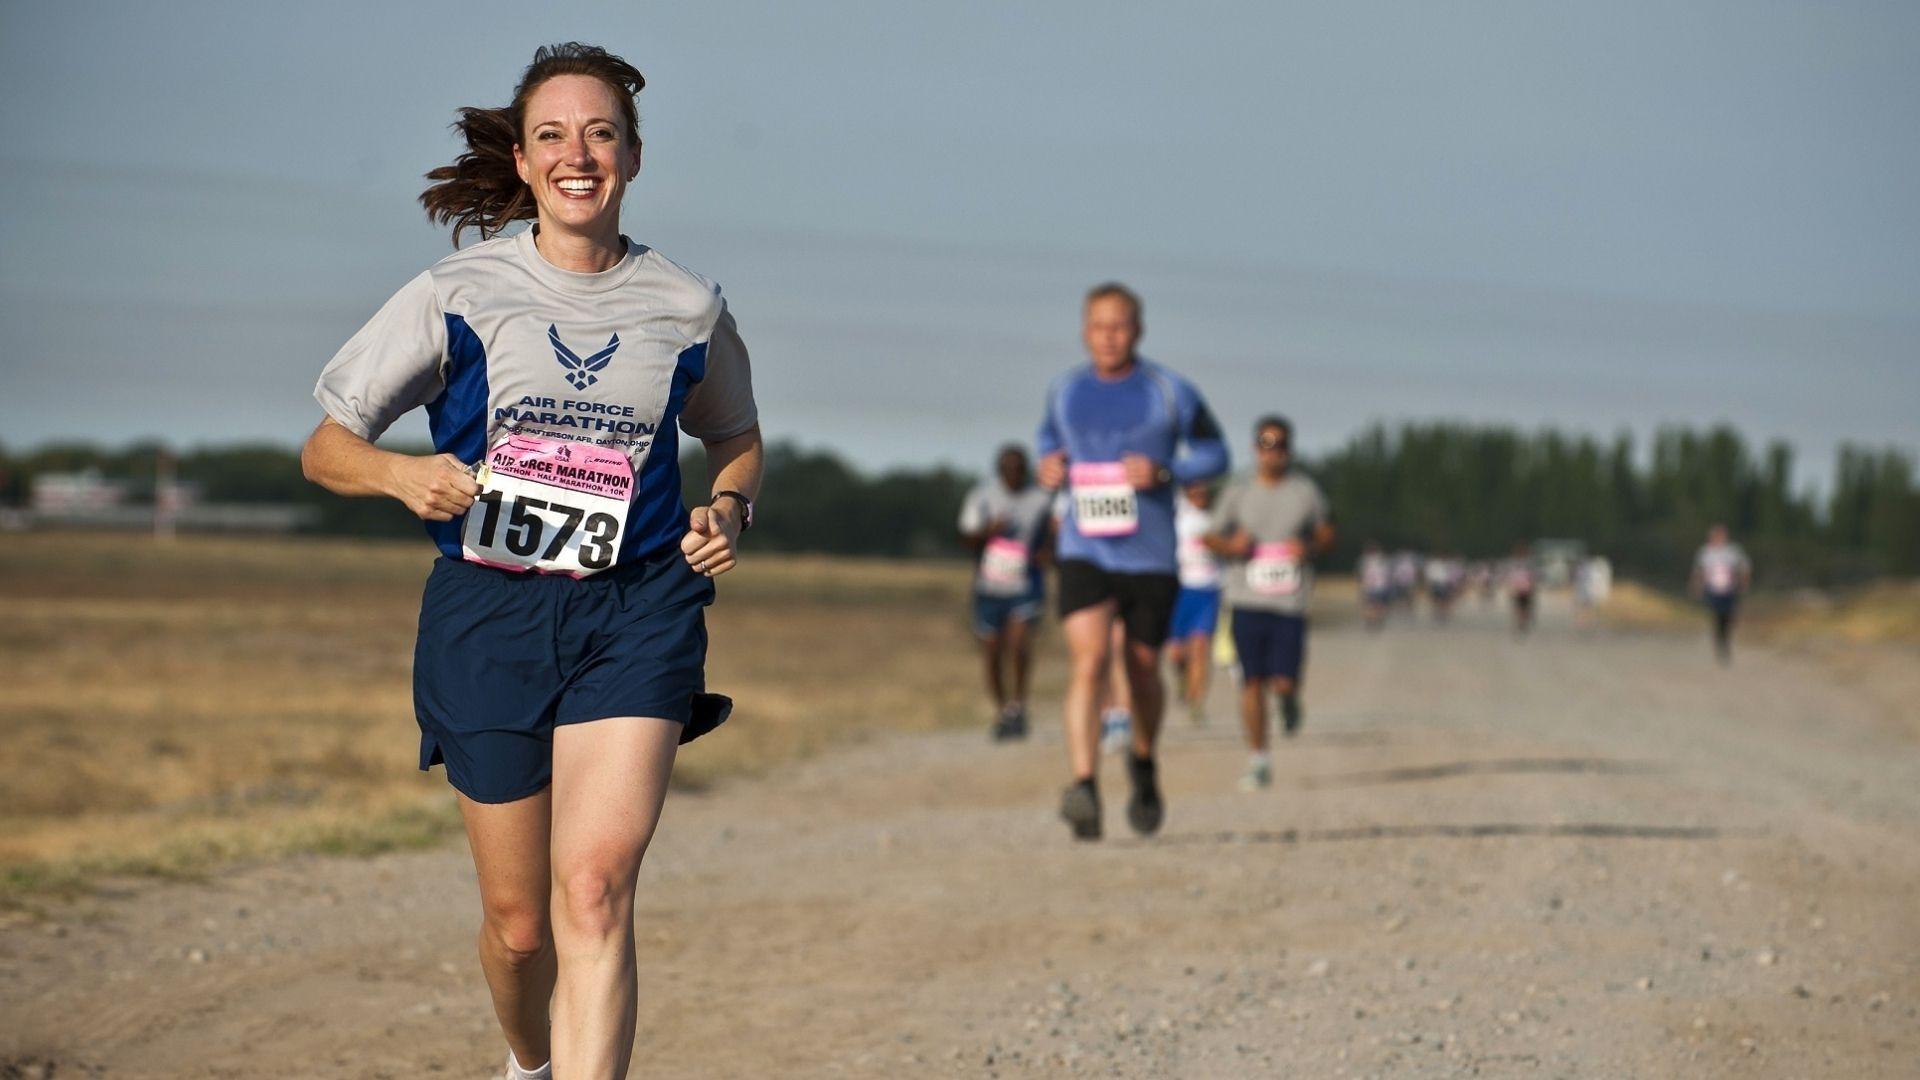 Sport Motivation06 - Motivation aufbauen